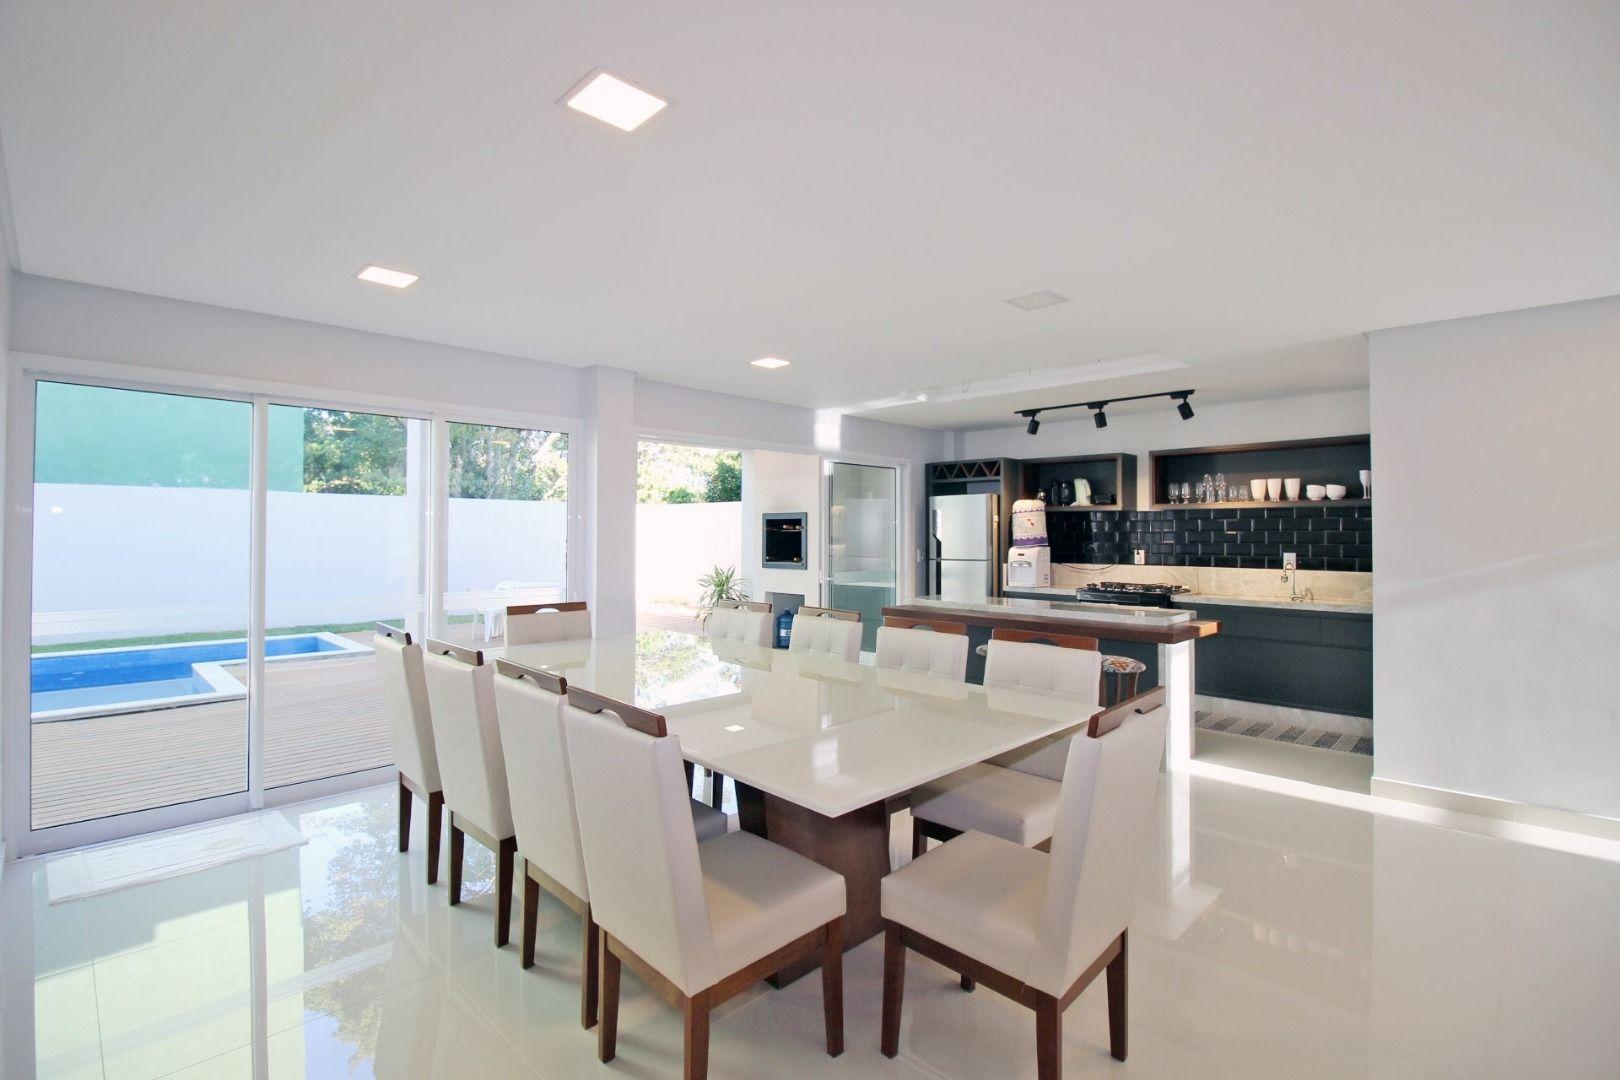 Casa com 4 Dormitórios à venda, 230 m² por R$ 1.750.000,00